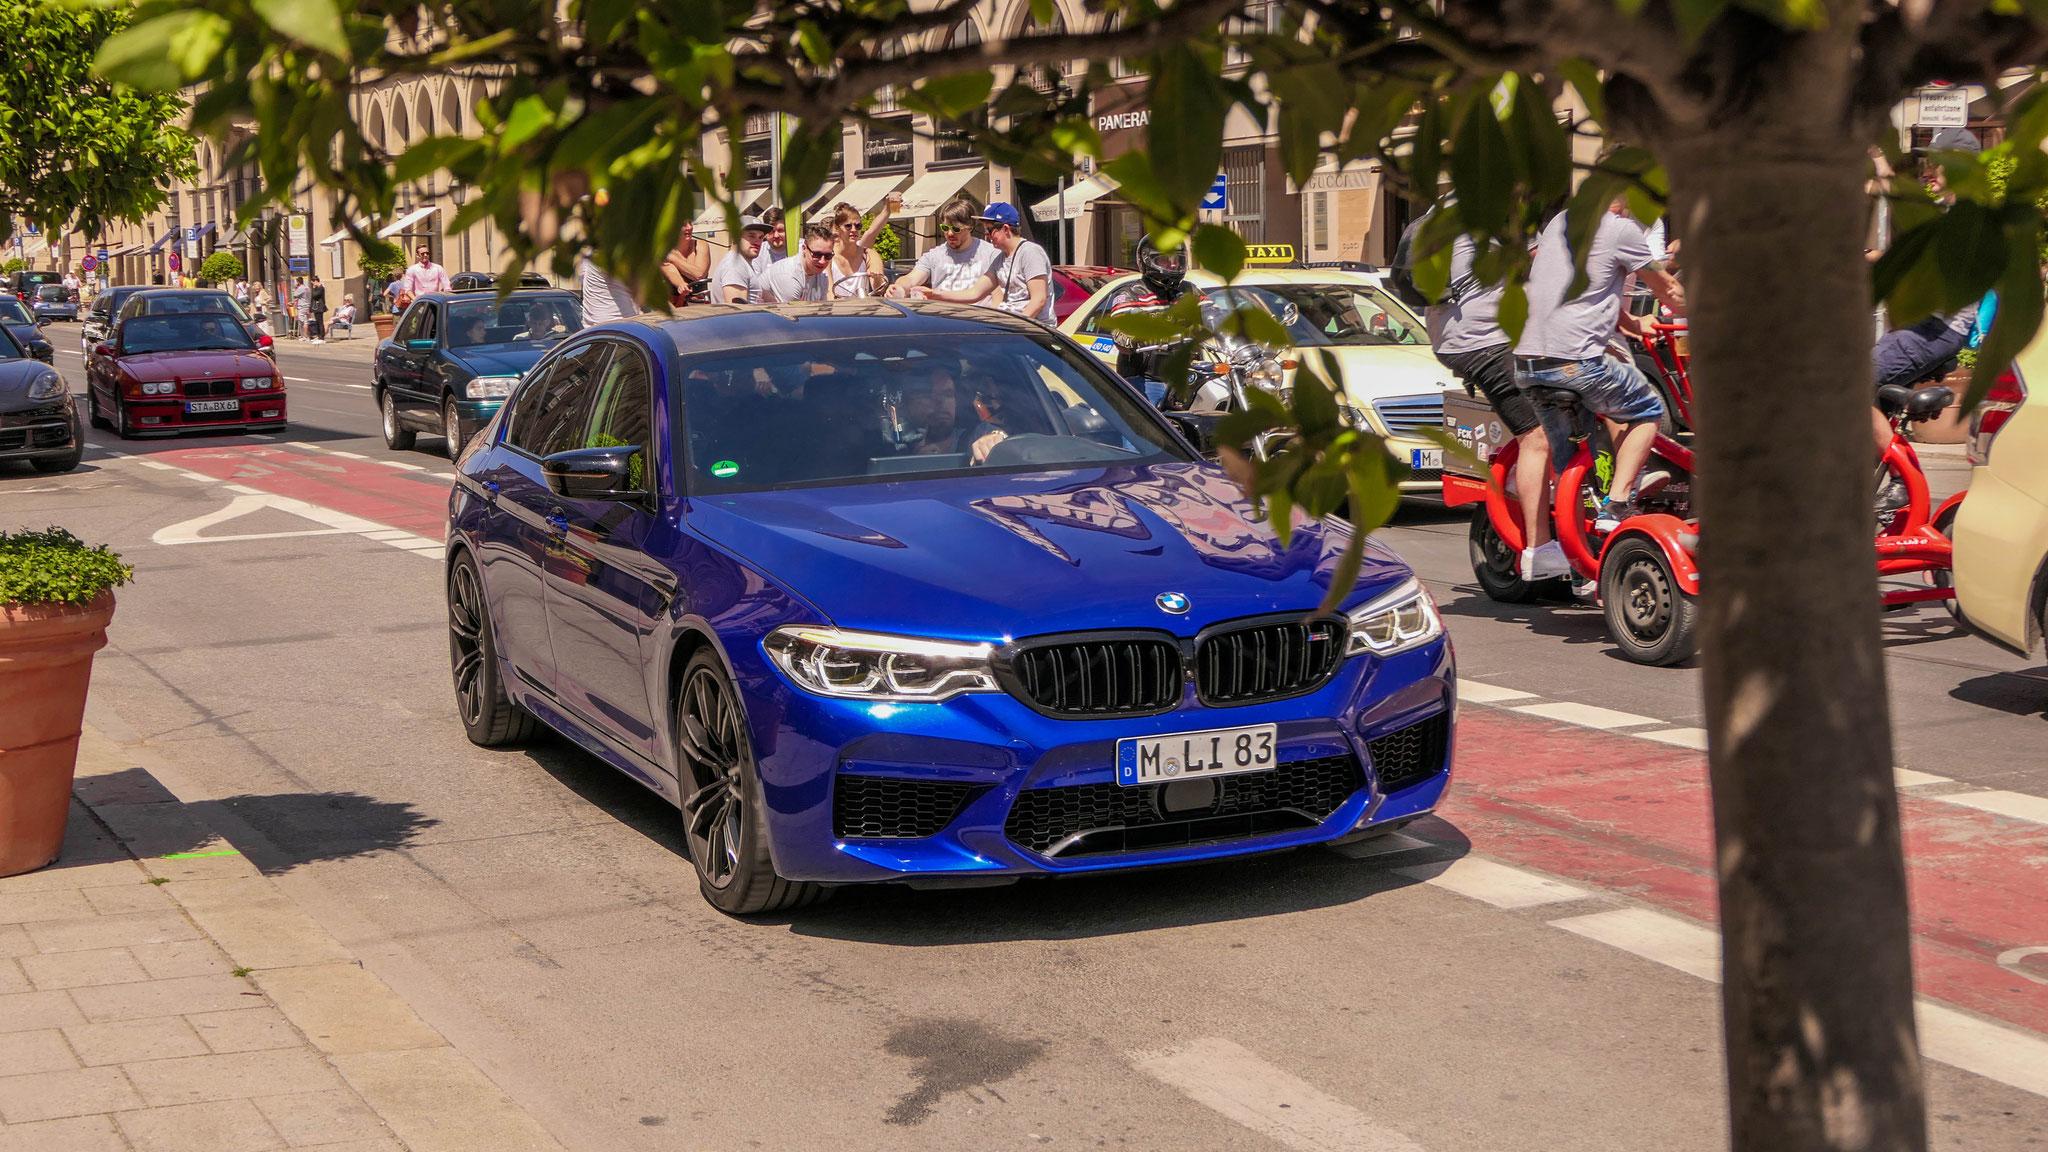 BMW M5 - M-LI-83